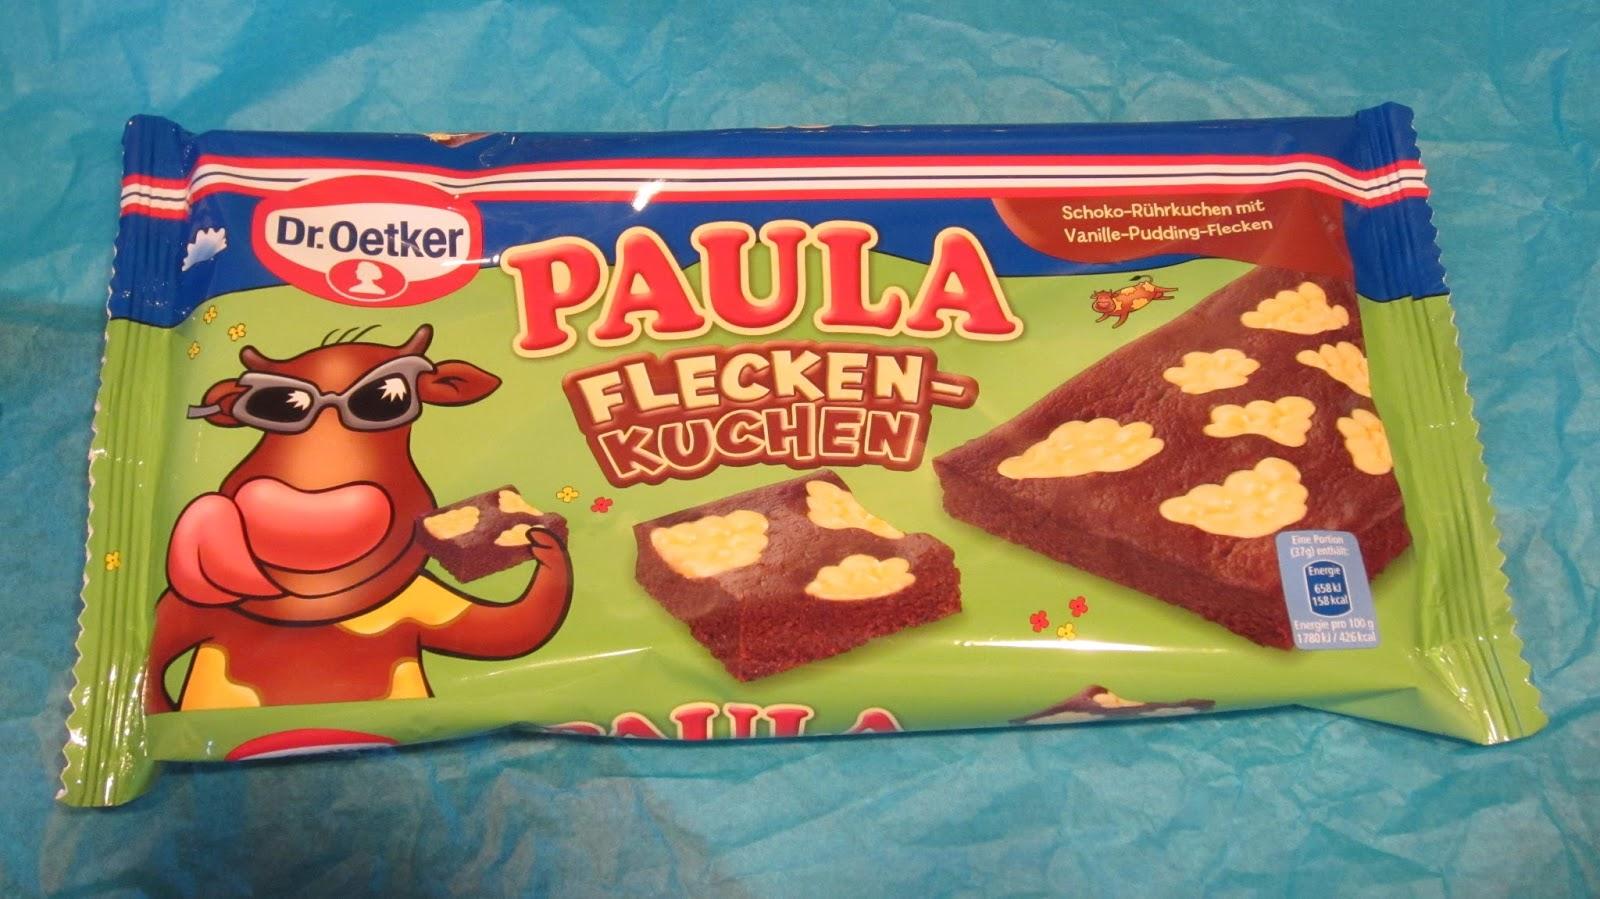 Erdbeersekt Testen Und Bewerten Produkttest Dr Oetker Paula